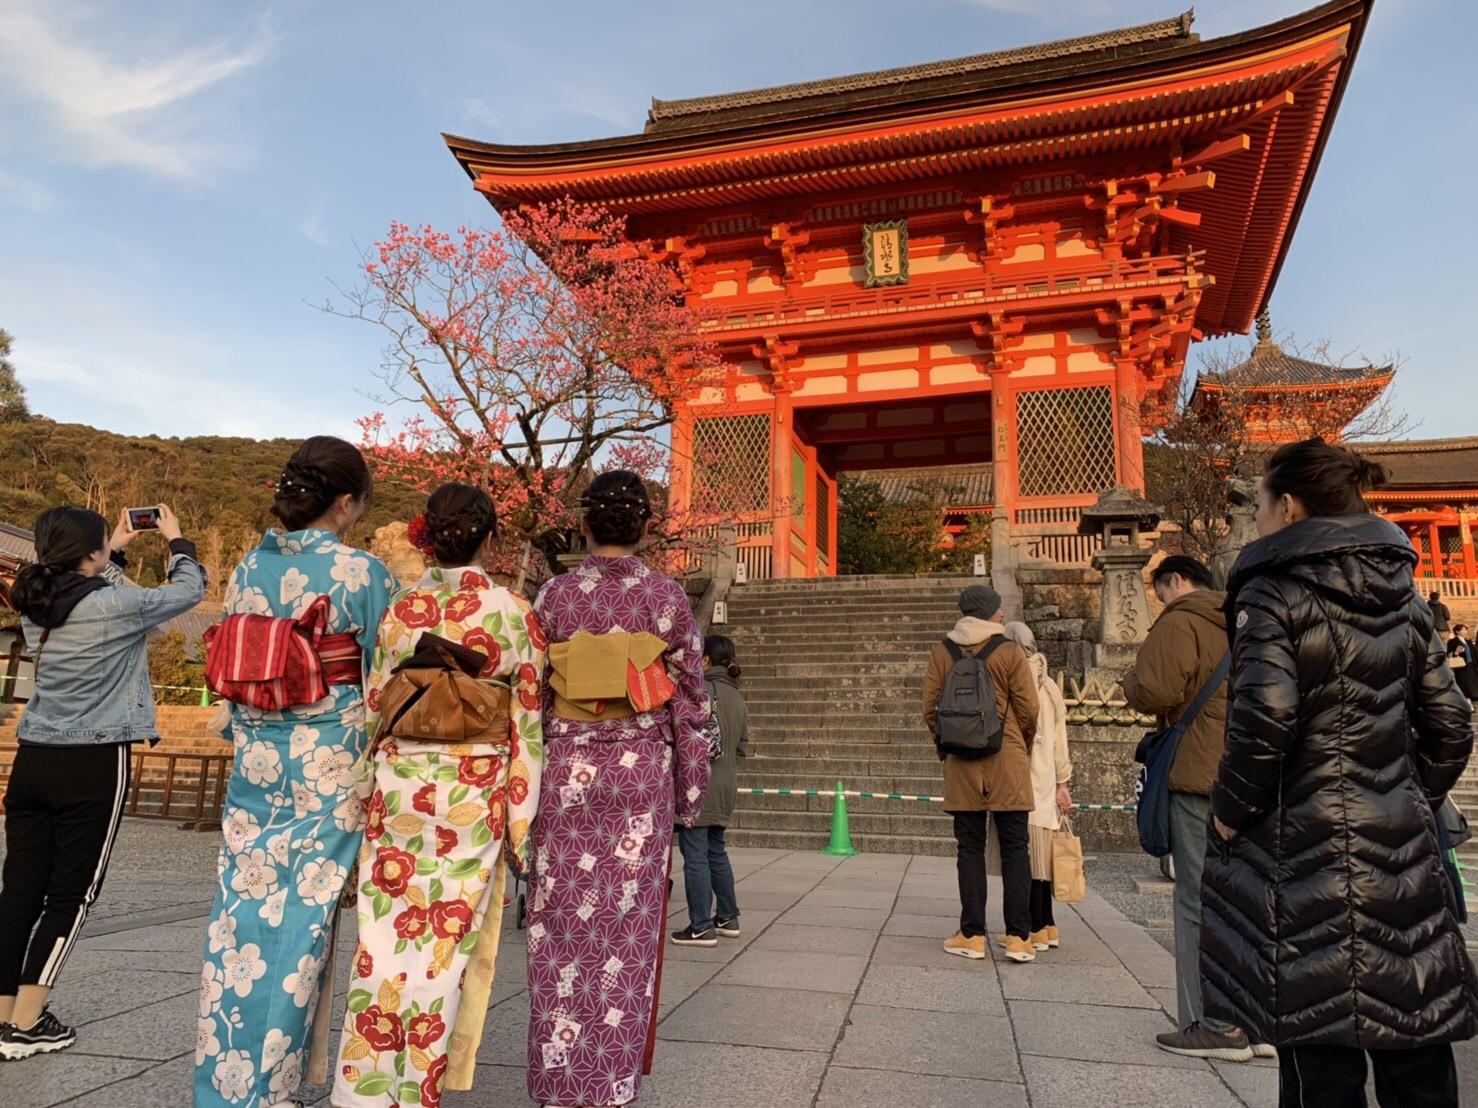 高台寺も春の特別夜間拝観始まってまぁす2019年3月9日6